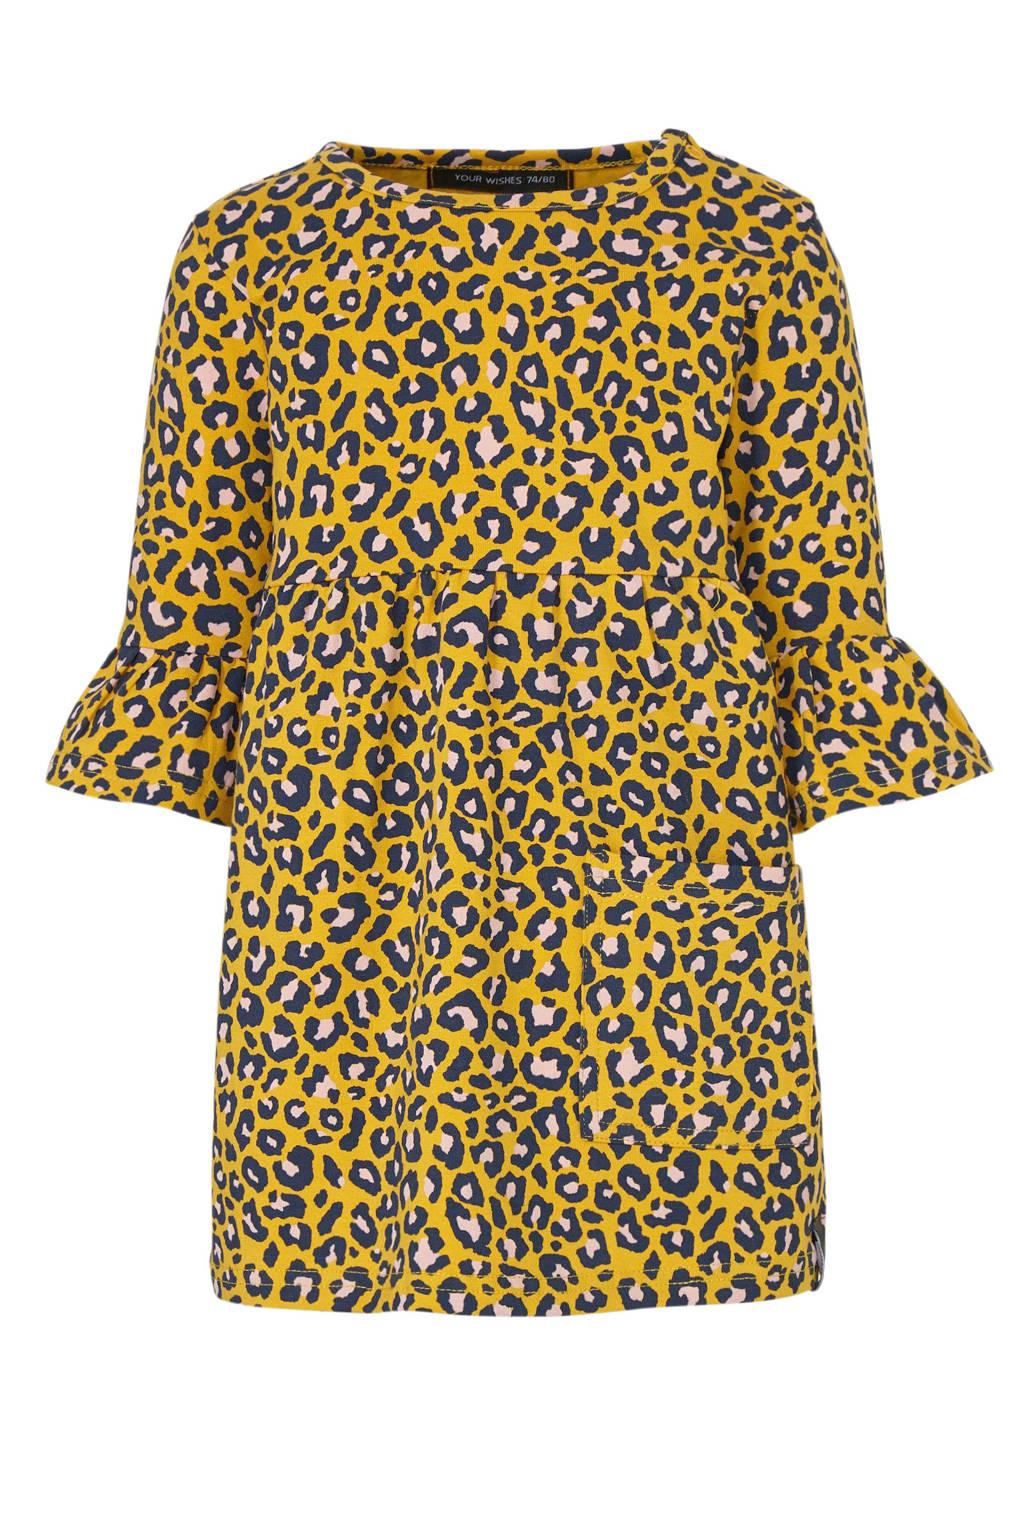 Your Wishes jersey jurk met panterprint en ruches okergeel/zwart/wit, Okergeel/zwart/wit